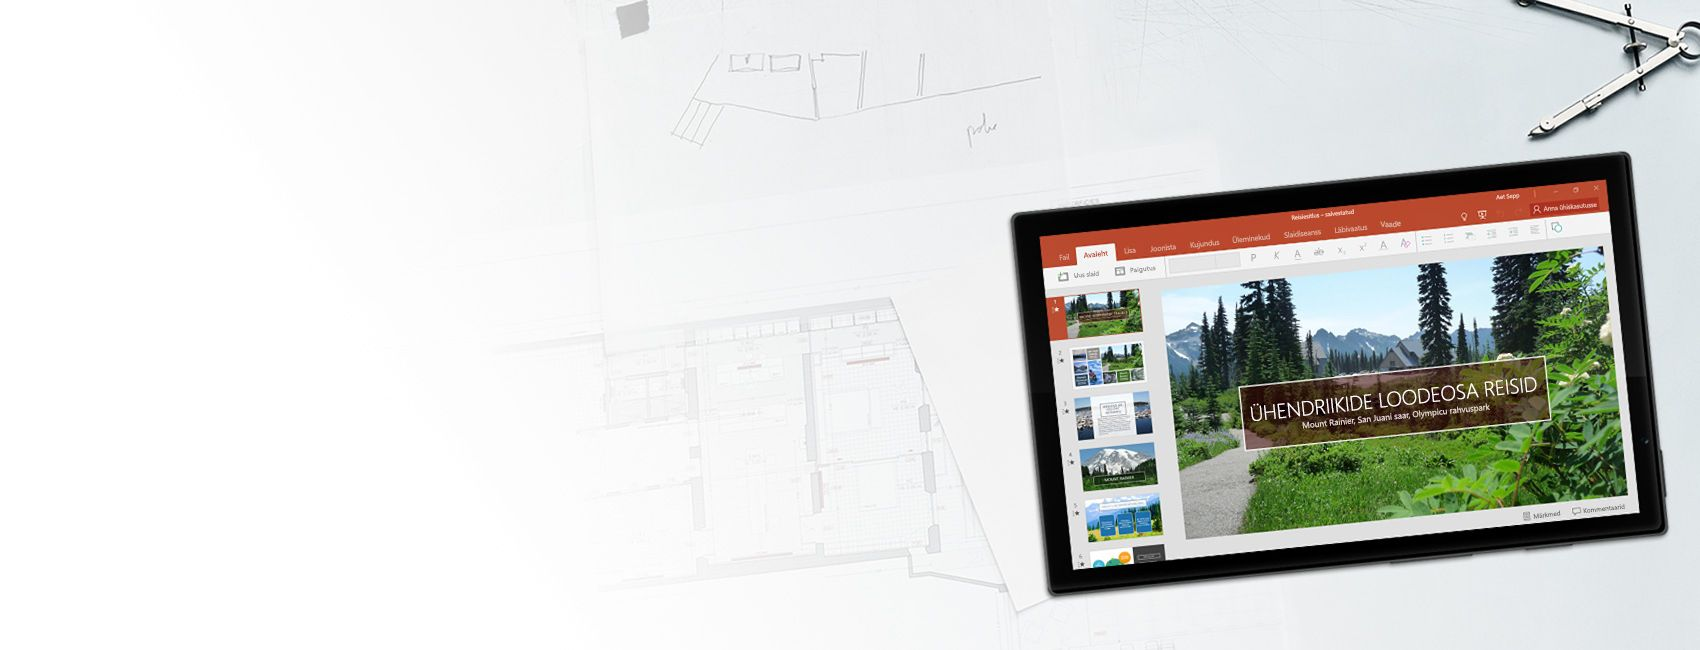 Windowsi tahvelarvuti, mille ekraanil on rakenduses PowerPoint for Windows 10 Mobile avatud PowerPointi esitlus Ühendriikide loodeosa reiside kohta